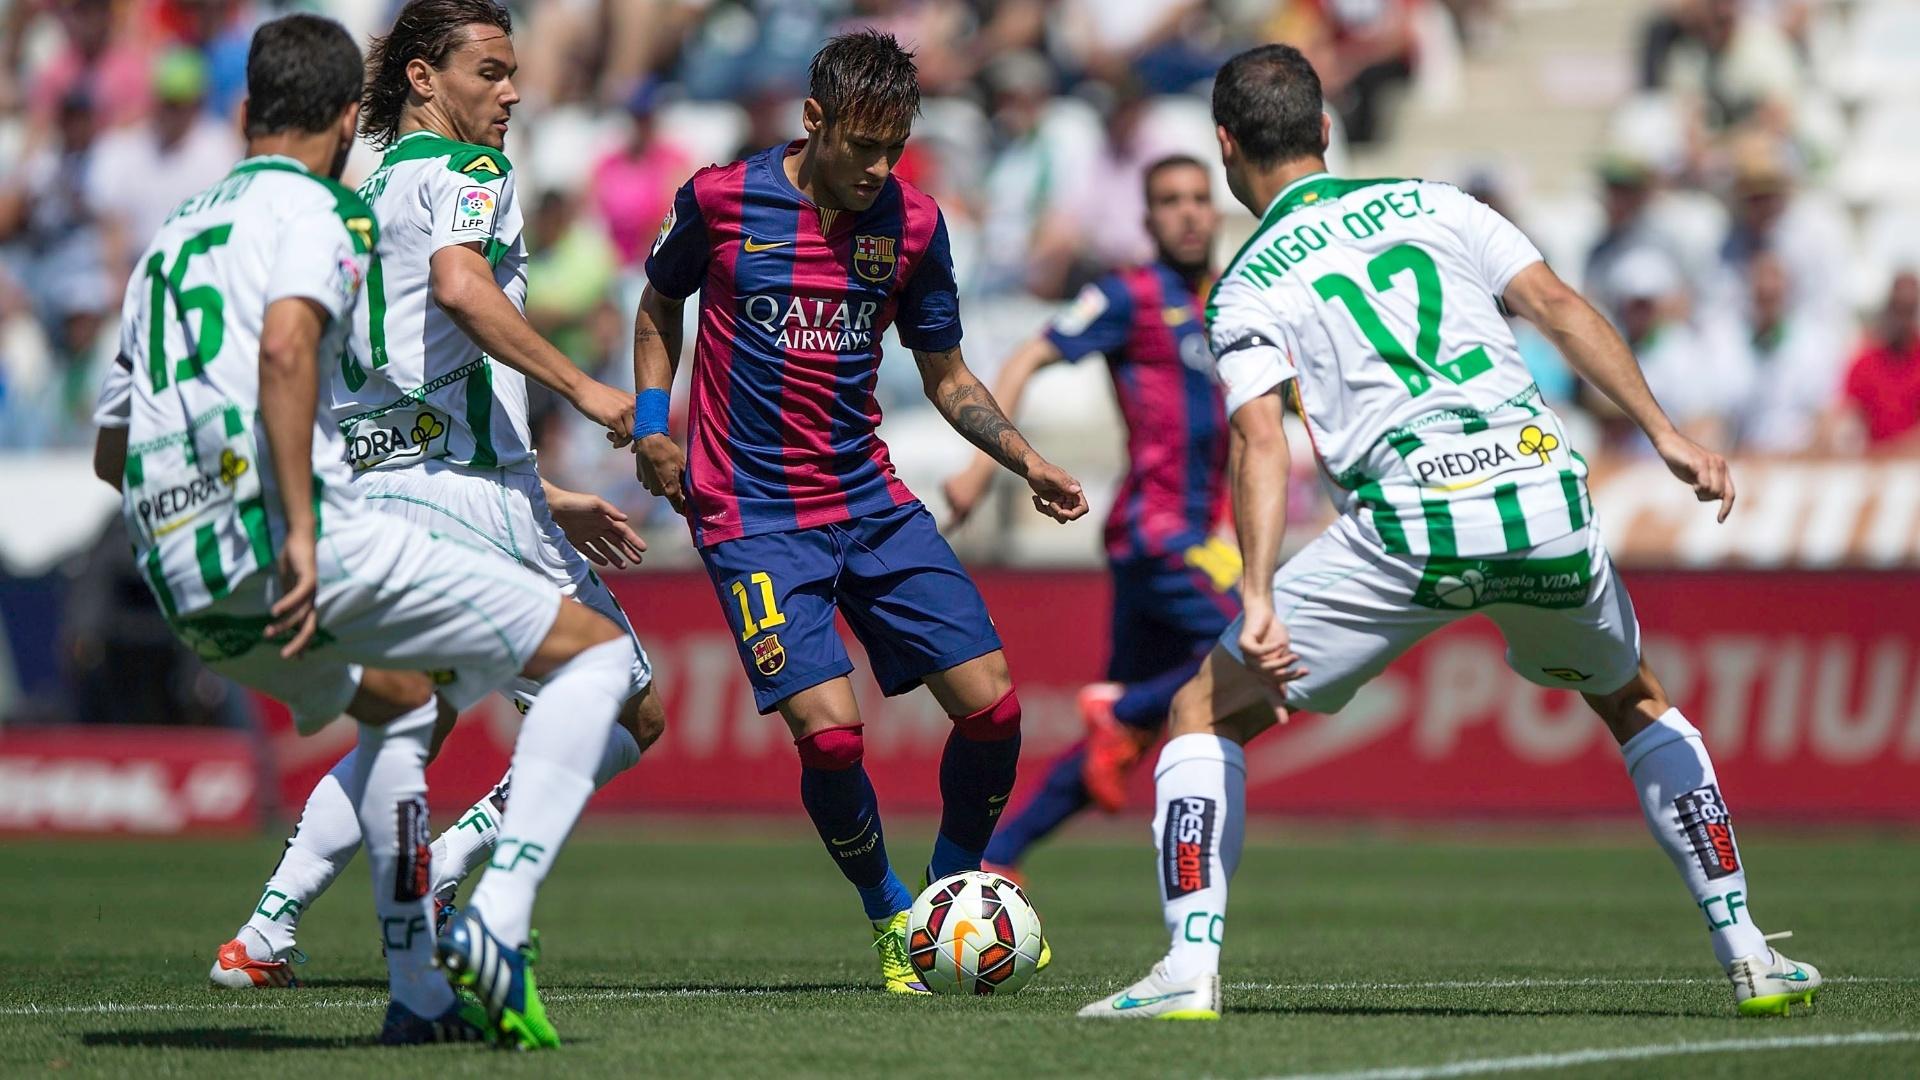 Neymar tenta passar pelos marcadores do Córdoba, mas é seguido de perto